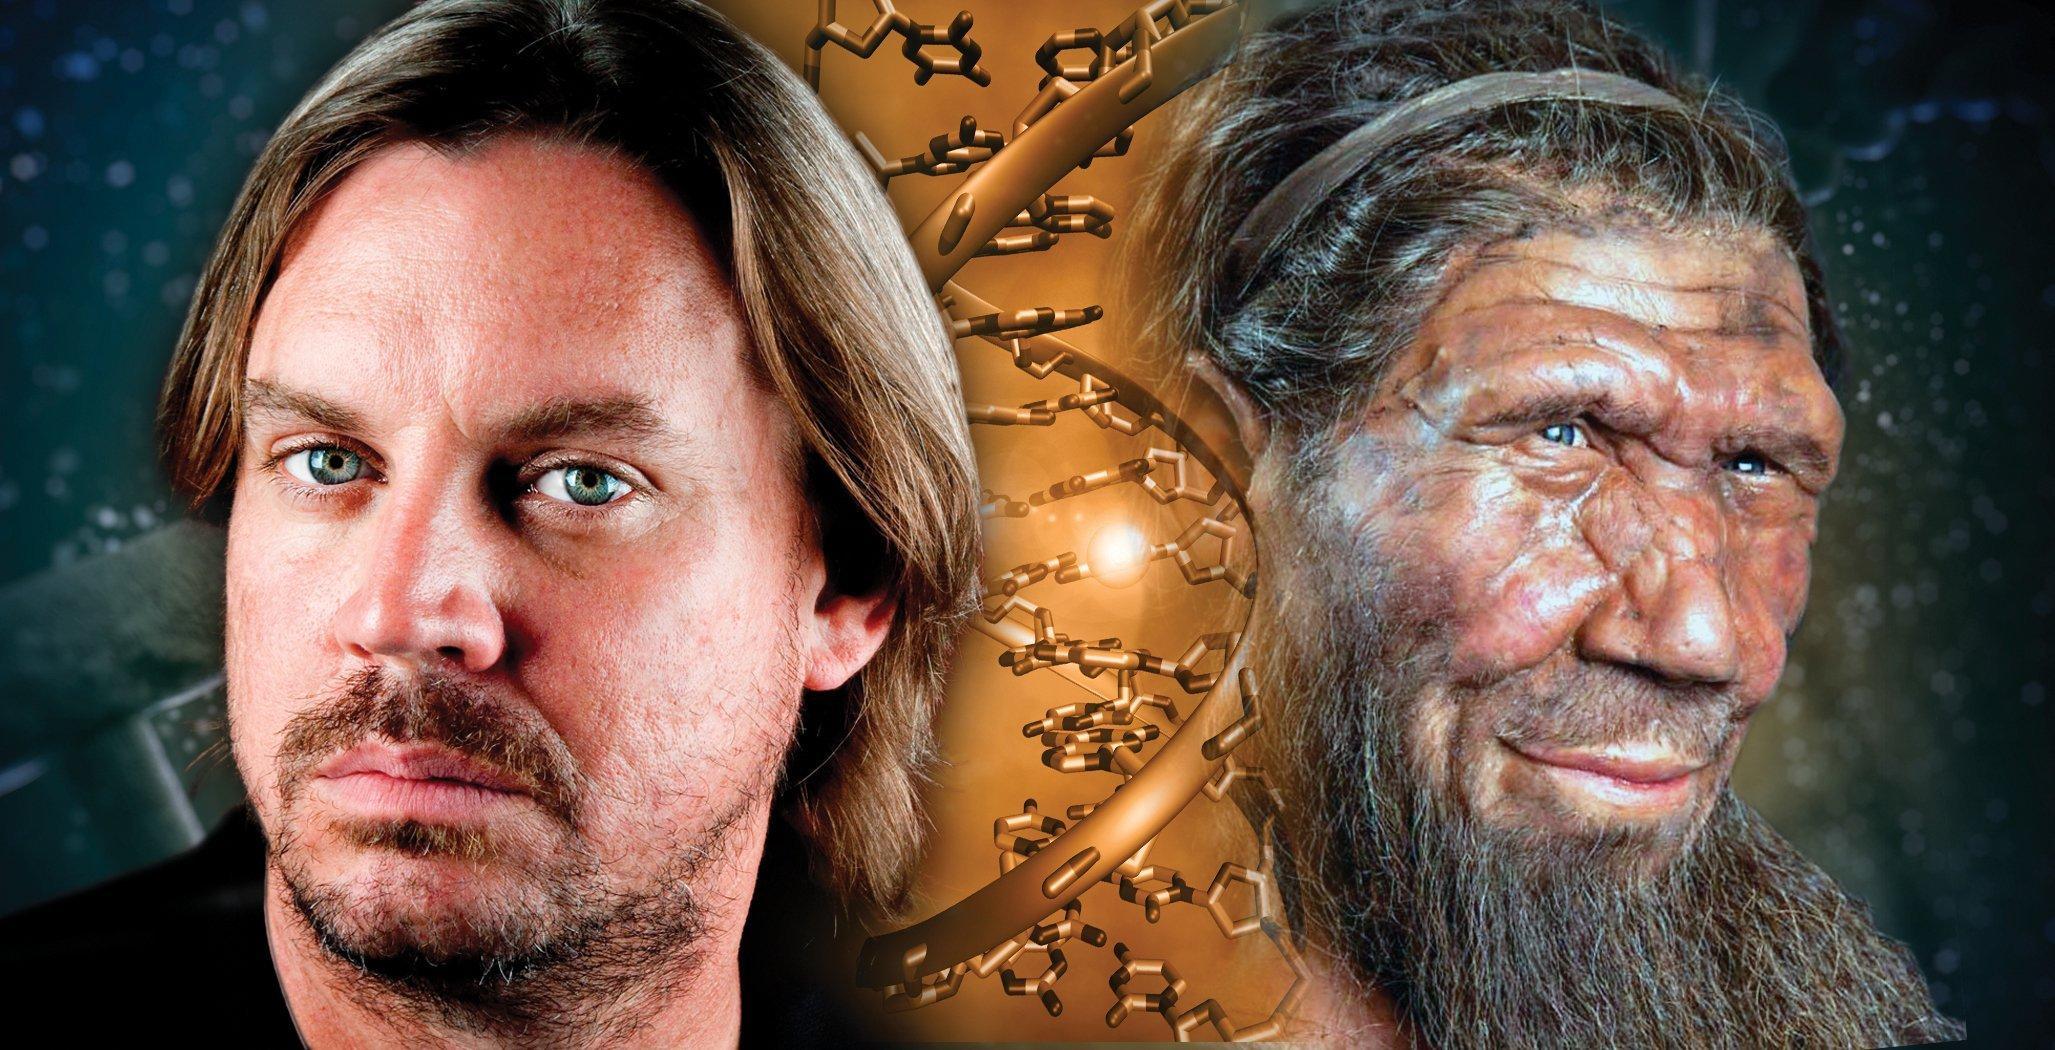 Zu sehen ist eine Collage, die links den Kopf eines Europäers, in der Mitte das Modell der Erbsubstanz DNA und rechts das Haupt eines Neandertalers zeigt. Die künstlerische Darstellung soll die Erkenntnisse des Forschers Tony Capra von der Vanderbilt University in Nashville, Tennessee, symbolisieren. Nach dessen Analysen beeinflussen Neandertaler-Gene bei heutigen Europäern die Neigung zu Depressionen, das Suchtverhalten und den Stoffwechsel.